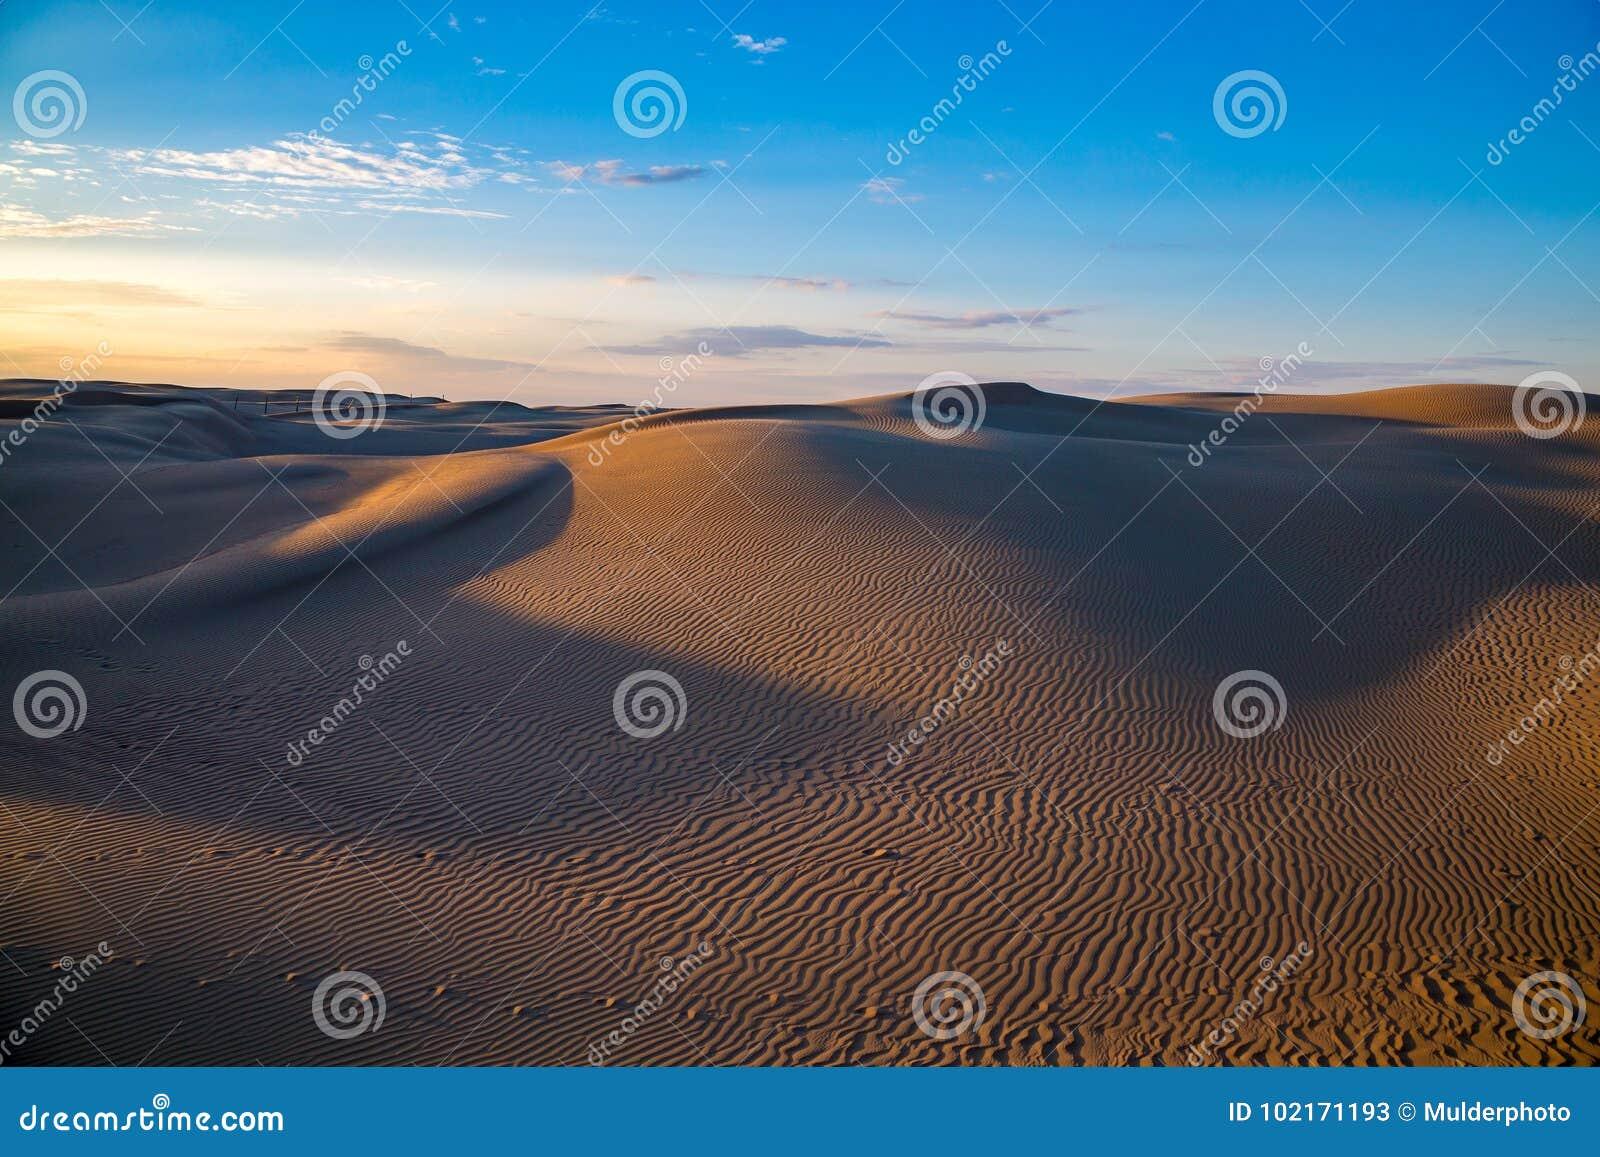 Naturligt härligt ökenlandskap, sanddyn på blå aftonhimmelbakgrund